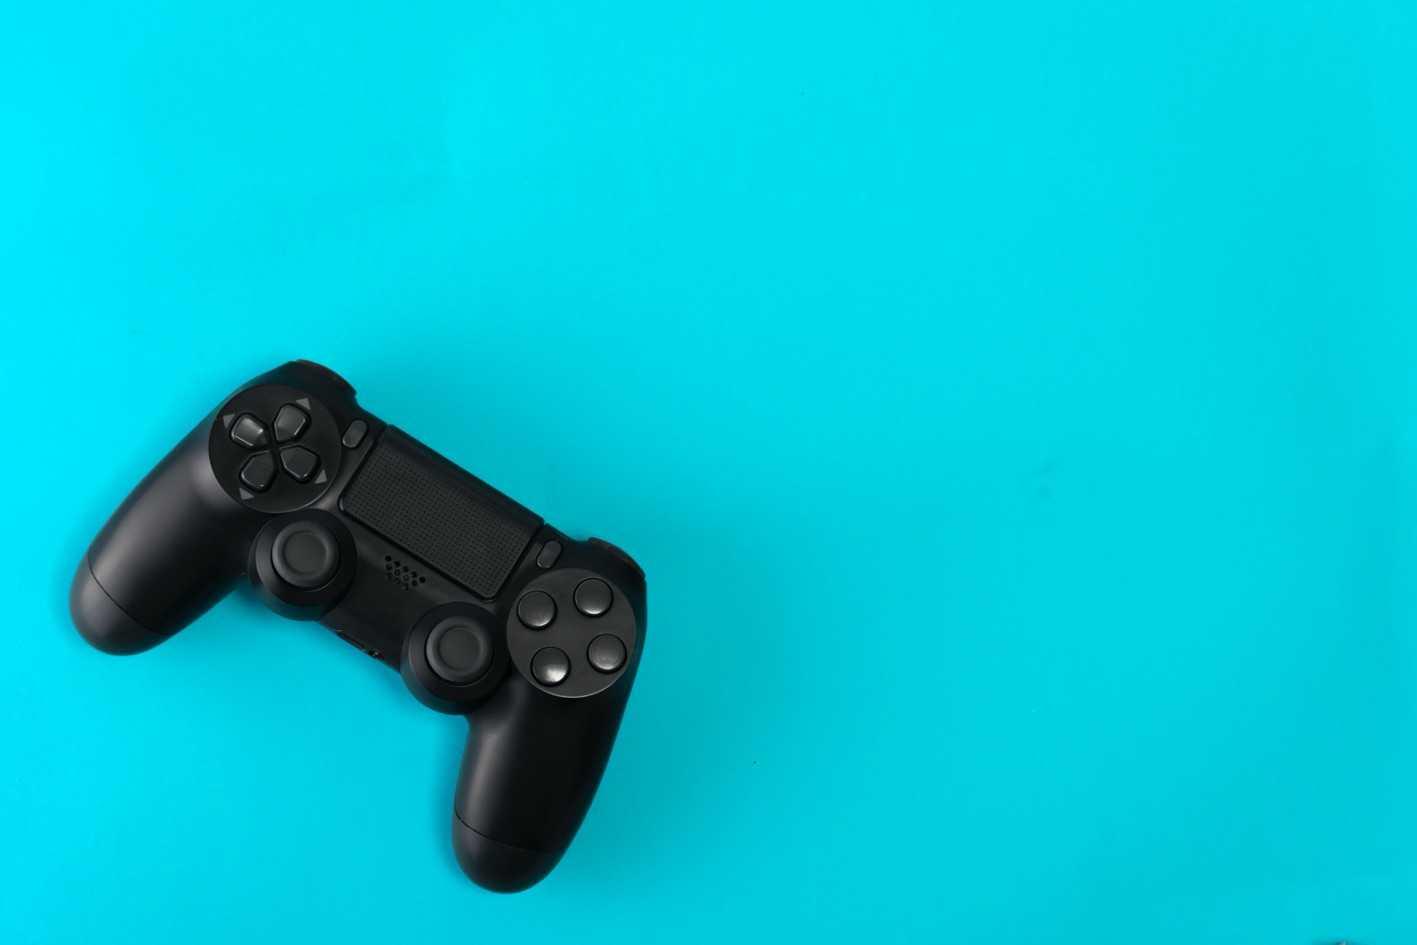 Rockstar Games, Geriye Dönük Uyumlulukla Desteklenen Oyunları Açıkladı